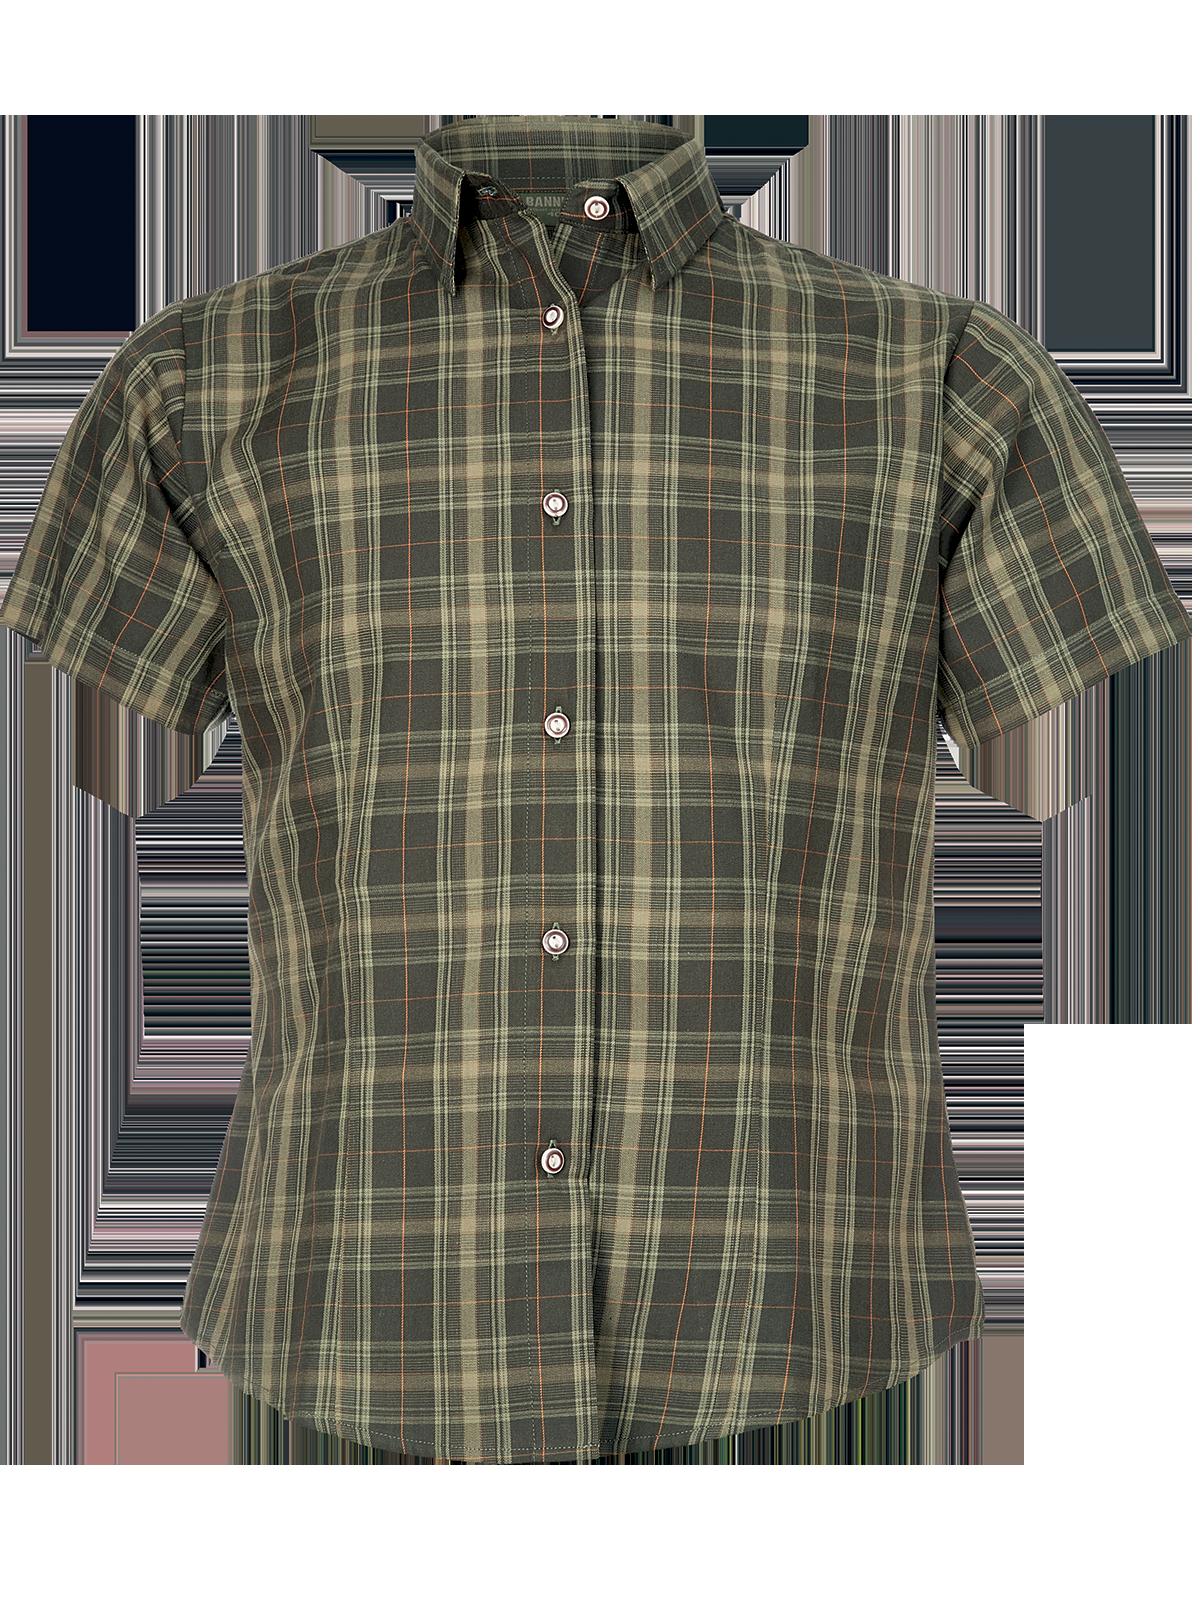 košile DOPONA dámská s krátkým rukávem  6e24b5e6f6